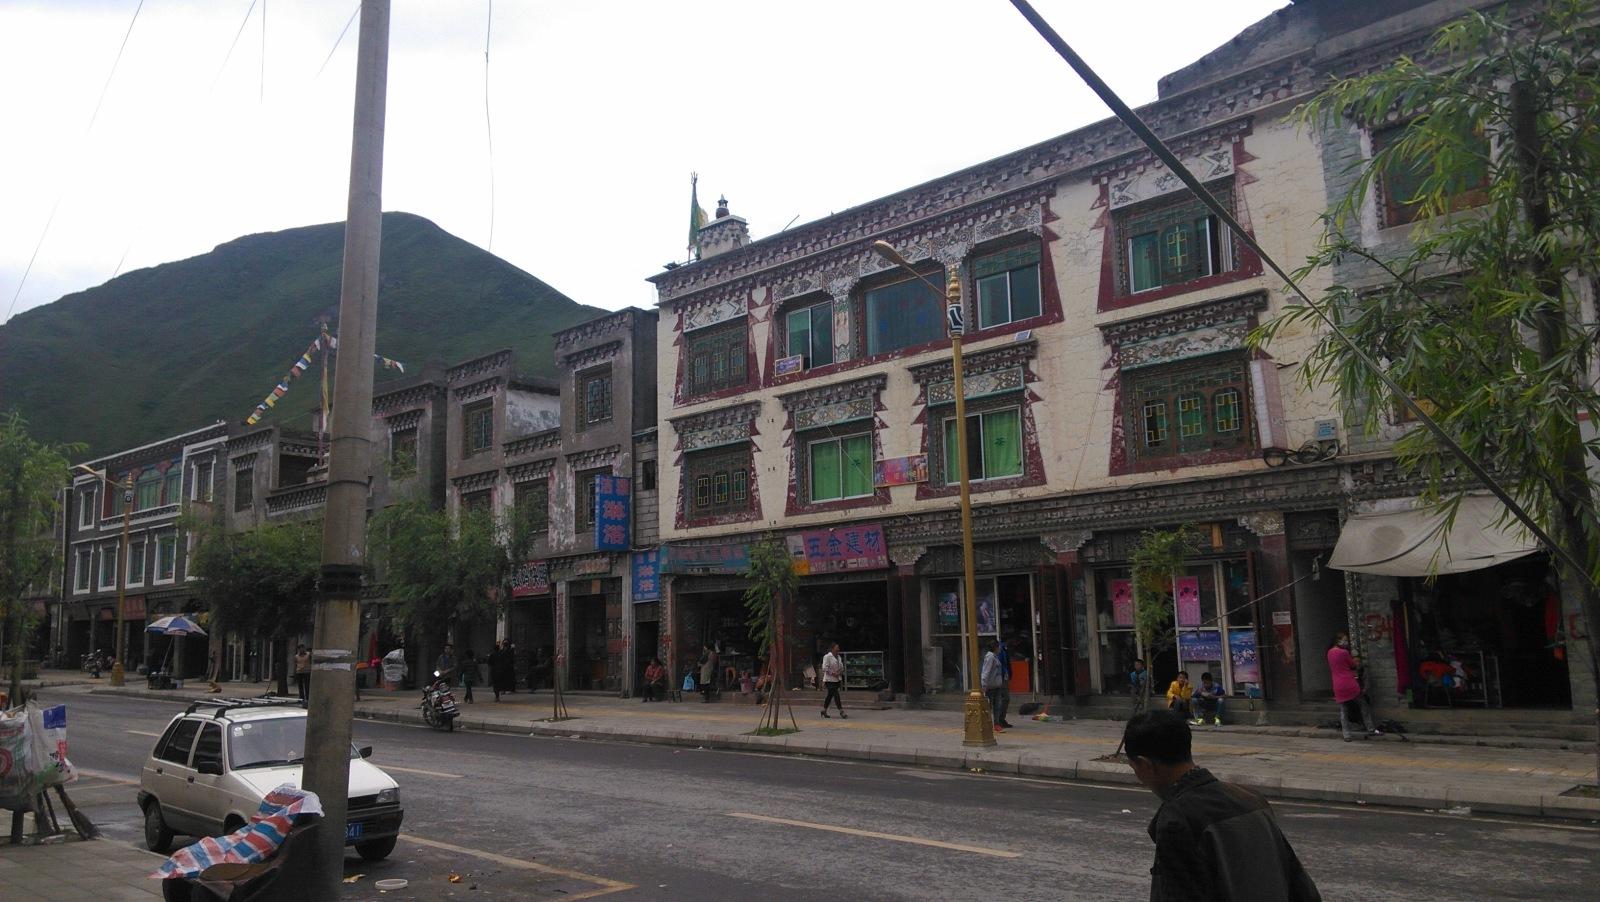 新都桥镇的建筑,有点藏式韵味了~这里也算是真正的藏区了(地点还是在四川境内)